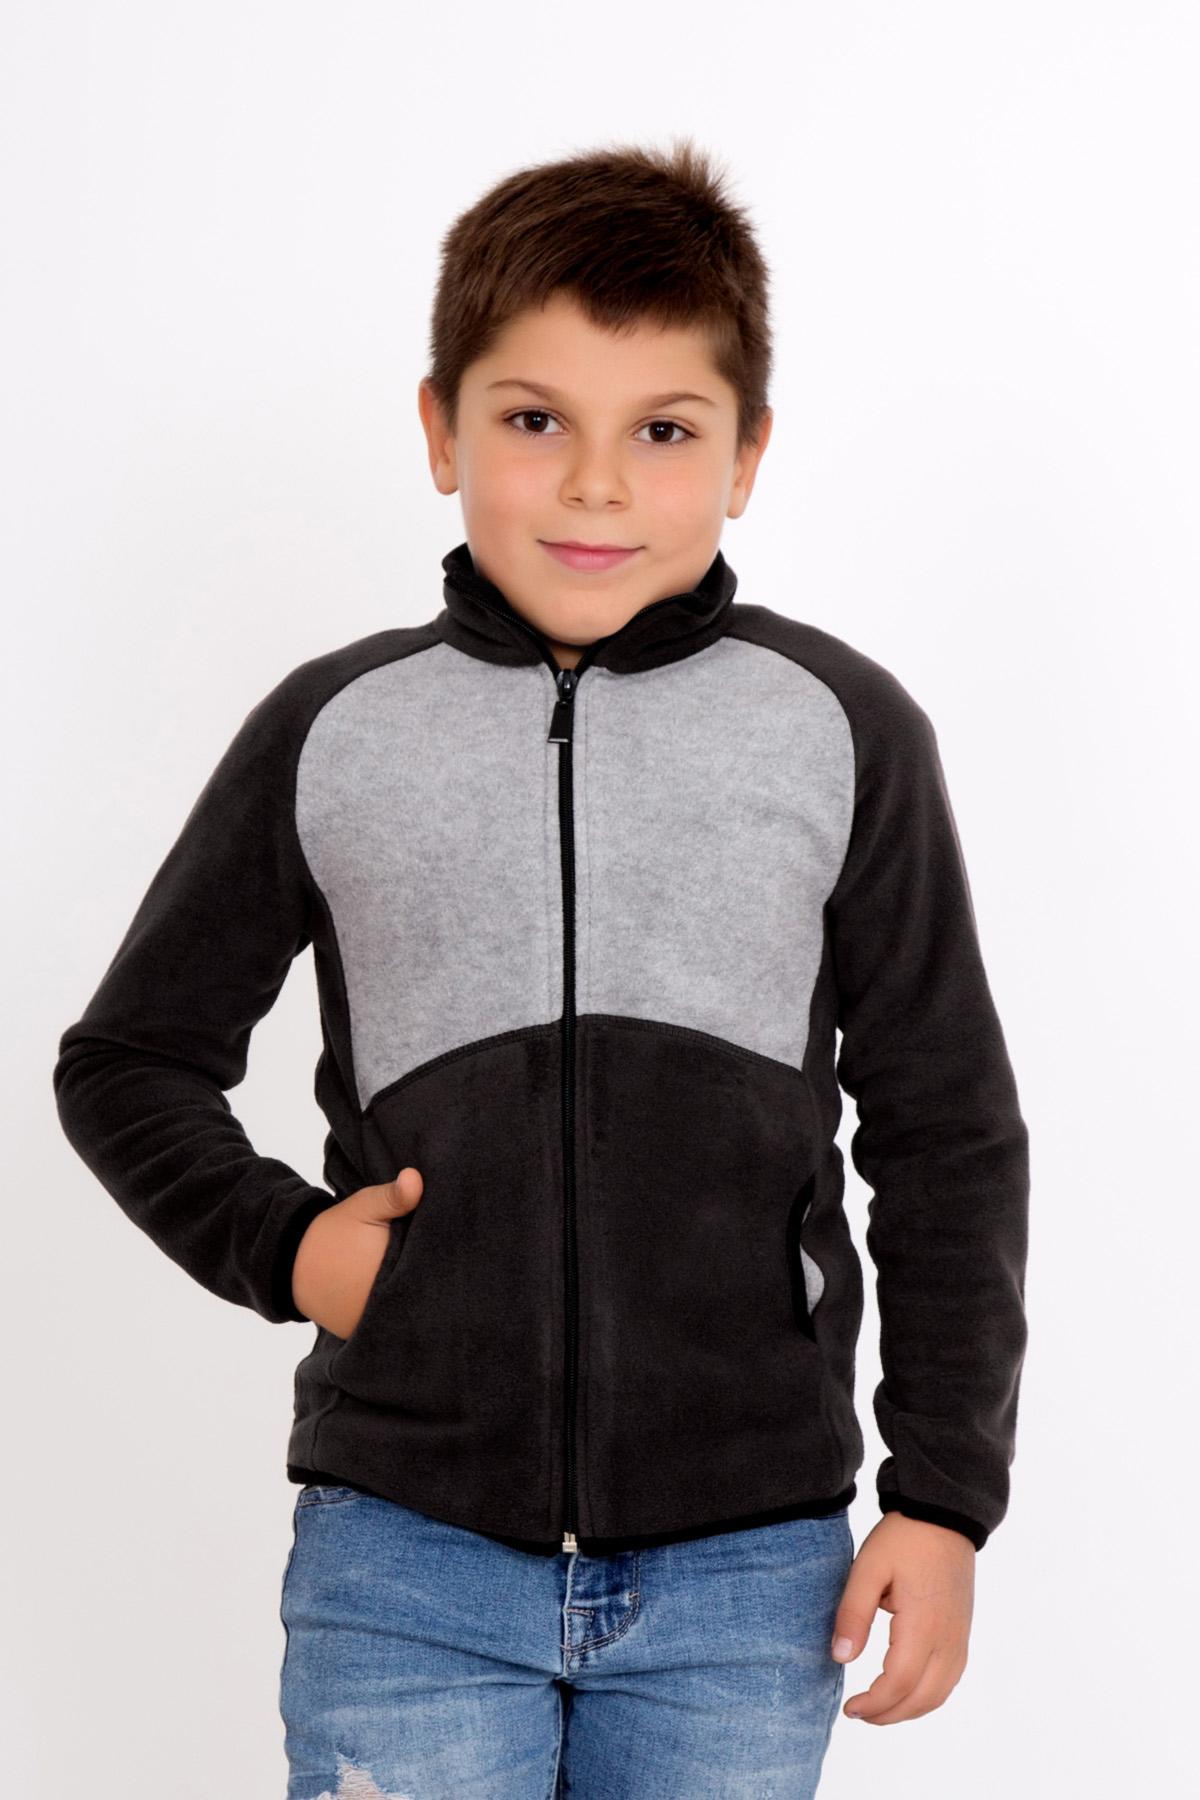 Дет. толстовка Юнит р. 32Толстовки, джемпера и рубашки<br><br><br>Тип: Дет. толстовка<br>Размер: 32<br>Материал: Флис